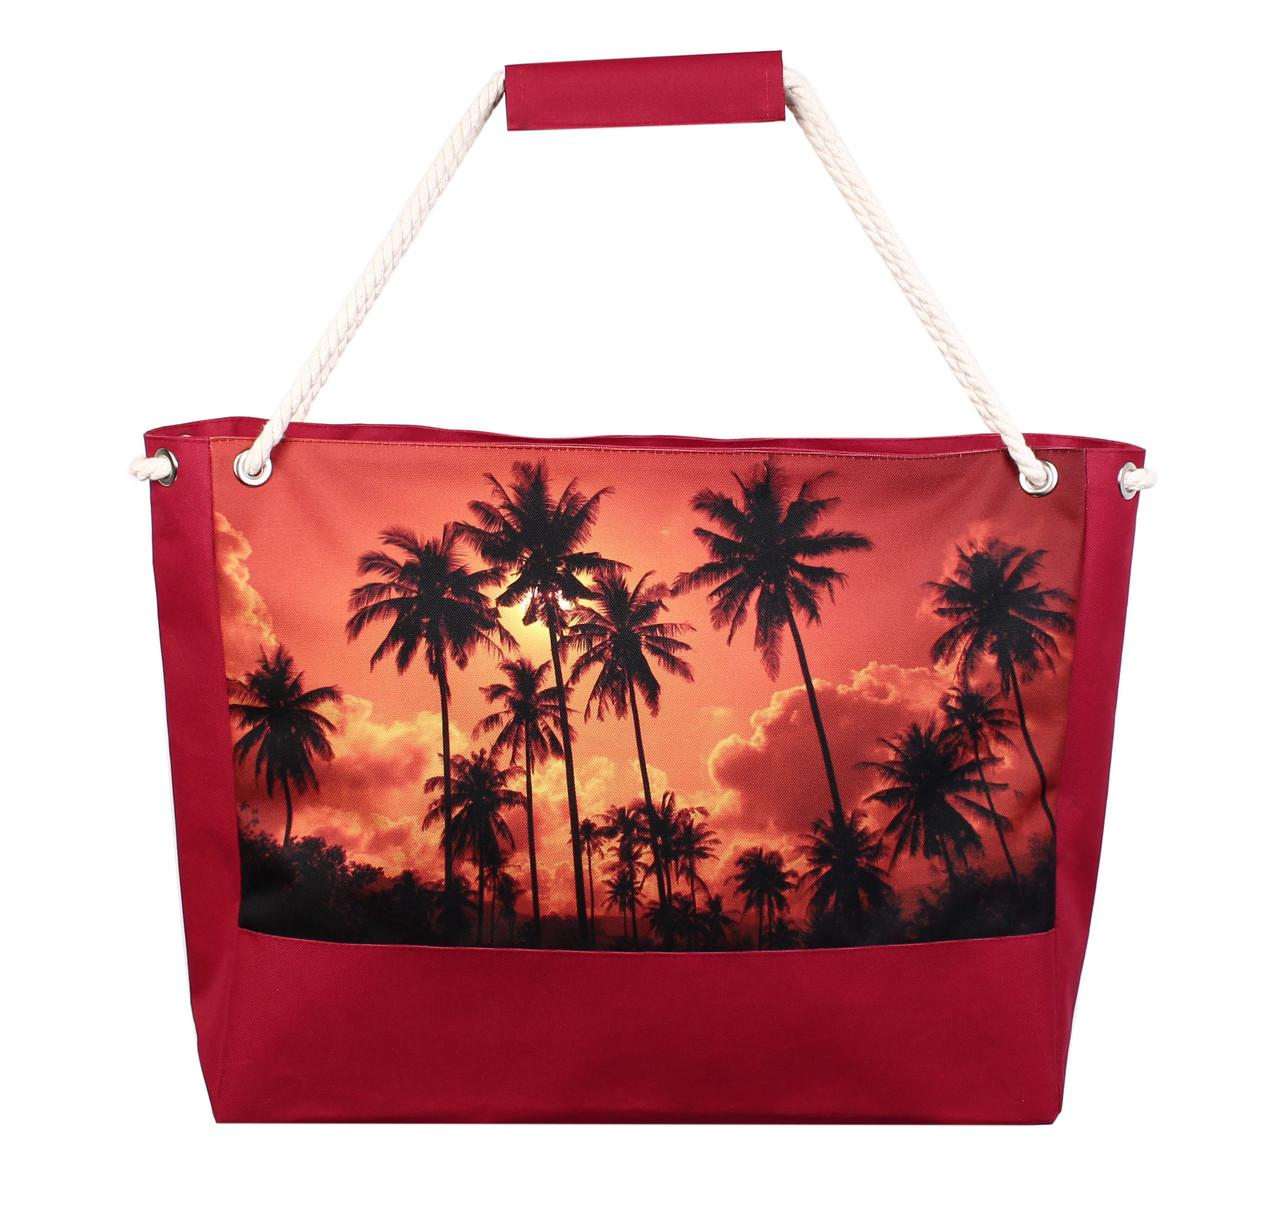 Большая красная пляжная сумка Майями Бич  продажа, цена в Одессе ... a4bad4b97f0